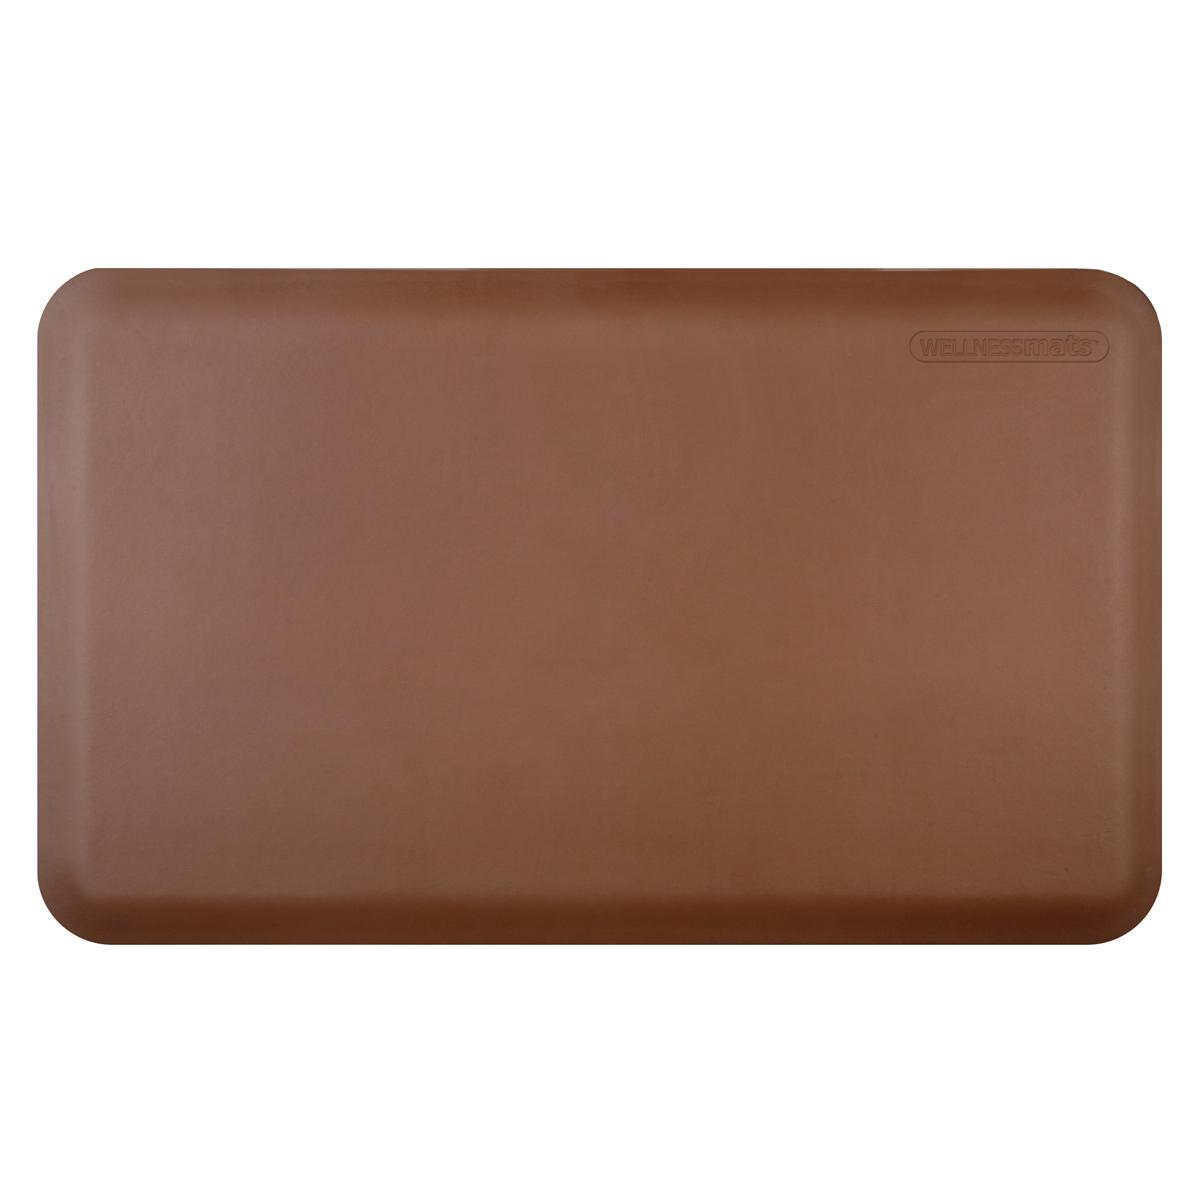 WellnessMats Brown Standard Anti-Fatigue Mat, 3 x 2 Foot